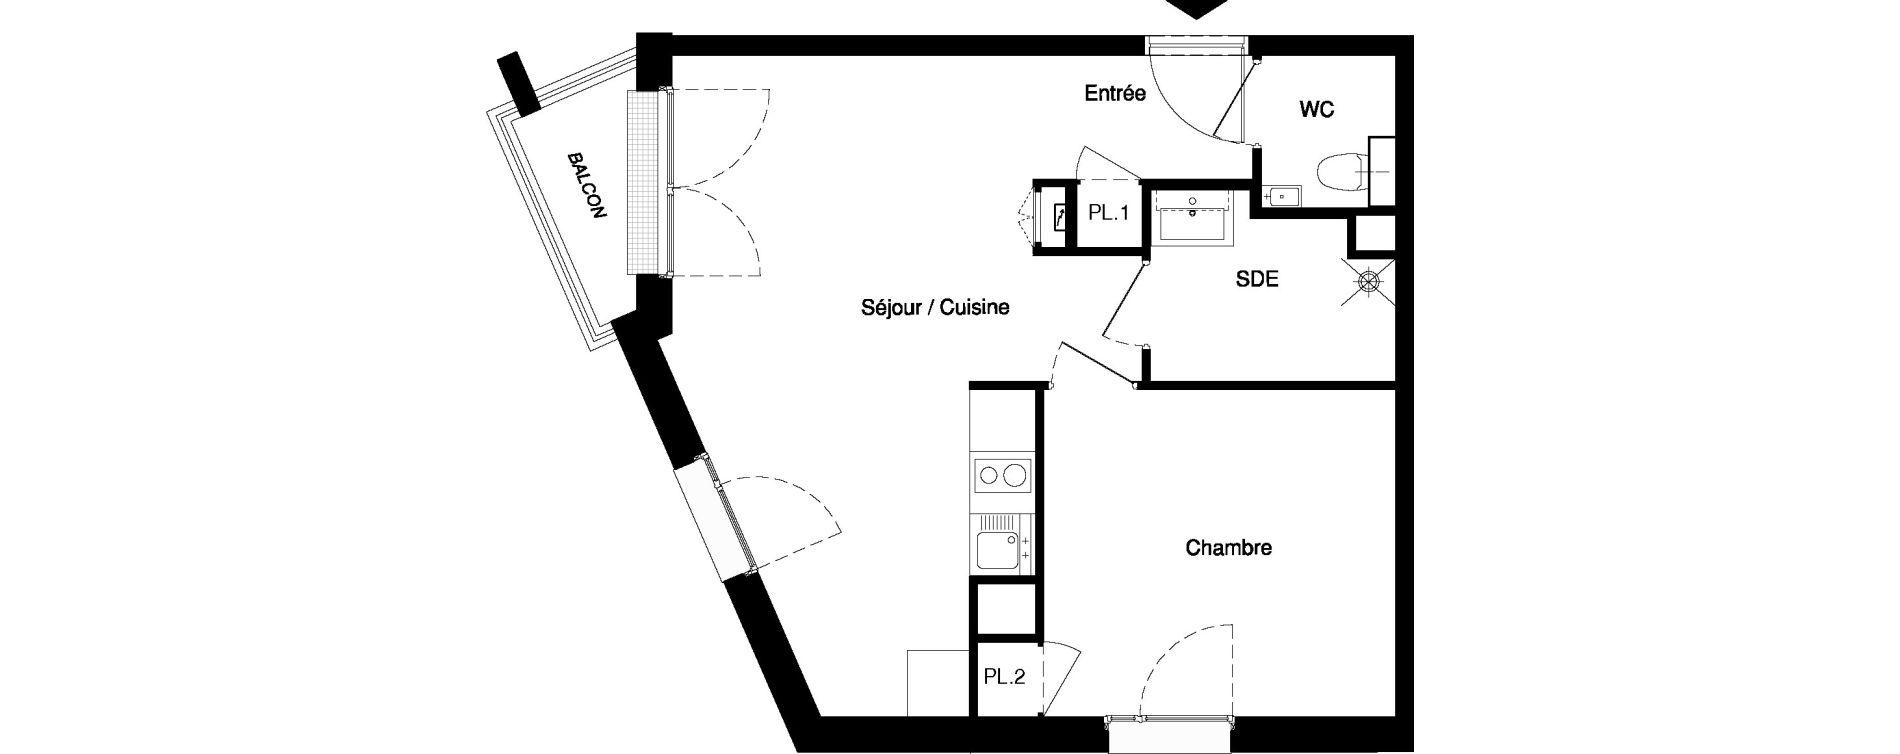 Appartement T2 meublé de 41,17 m2 à Nancy Rives de meurthe